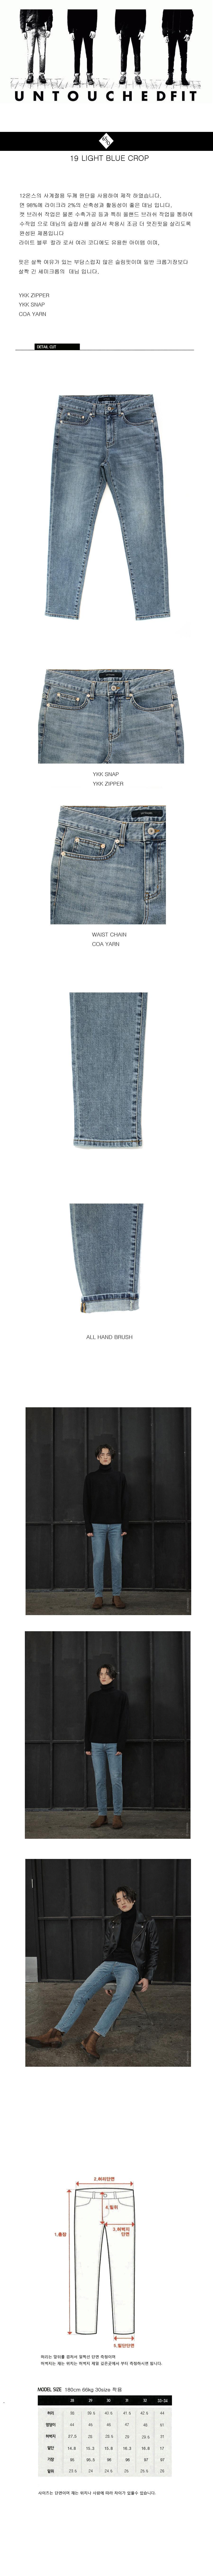 언터치드(UNTOUCHED) 19 라이트  블루 크롭